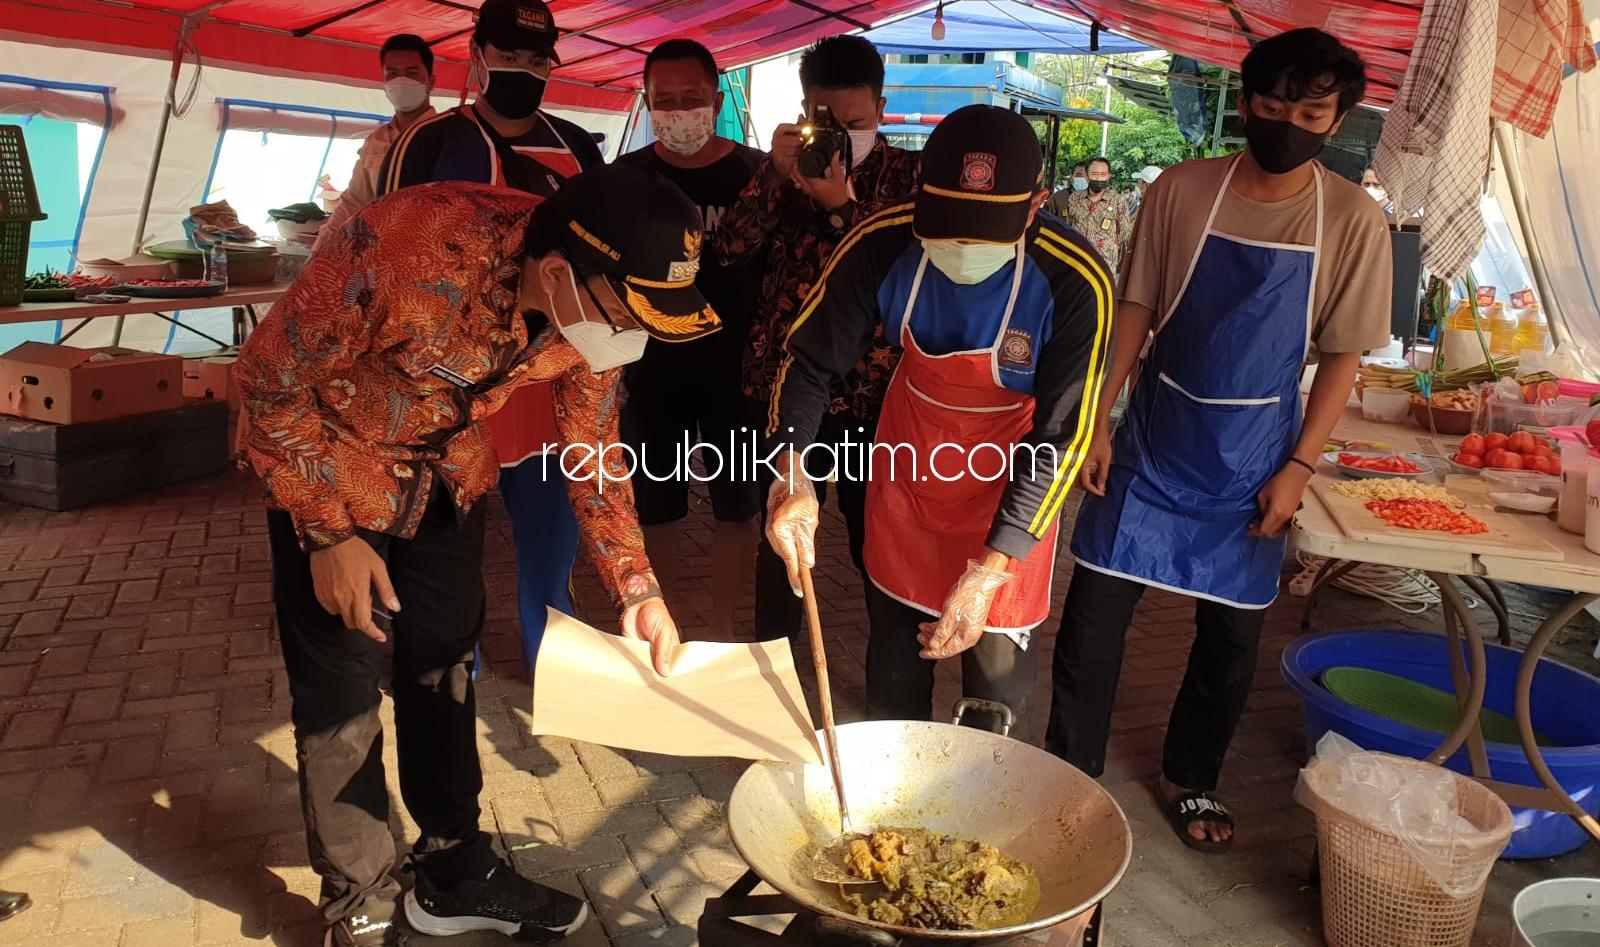 Bupati Sidoarjo Pastikan Dapur Umum Siap Pasok Makanan Bagi Isoman di 4 Shelter Penanganan Pasien Covid-19